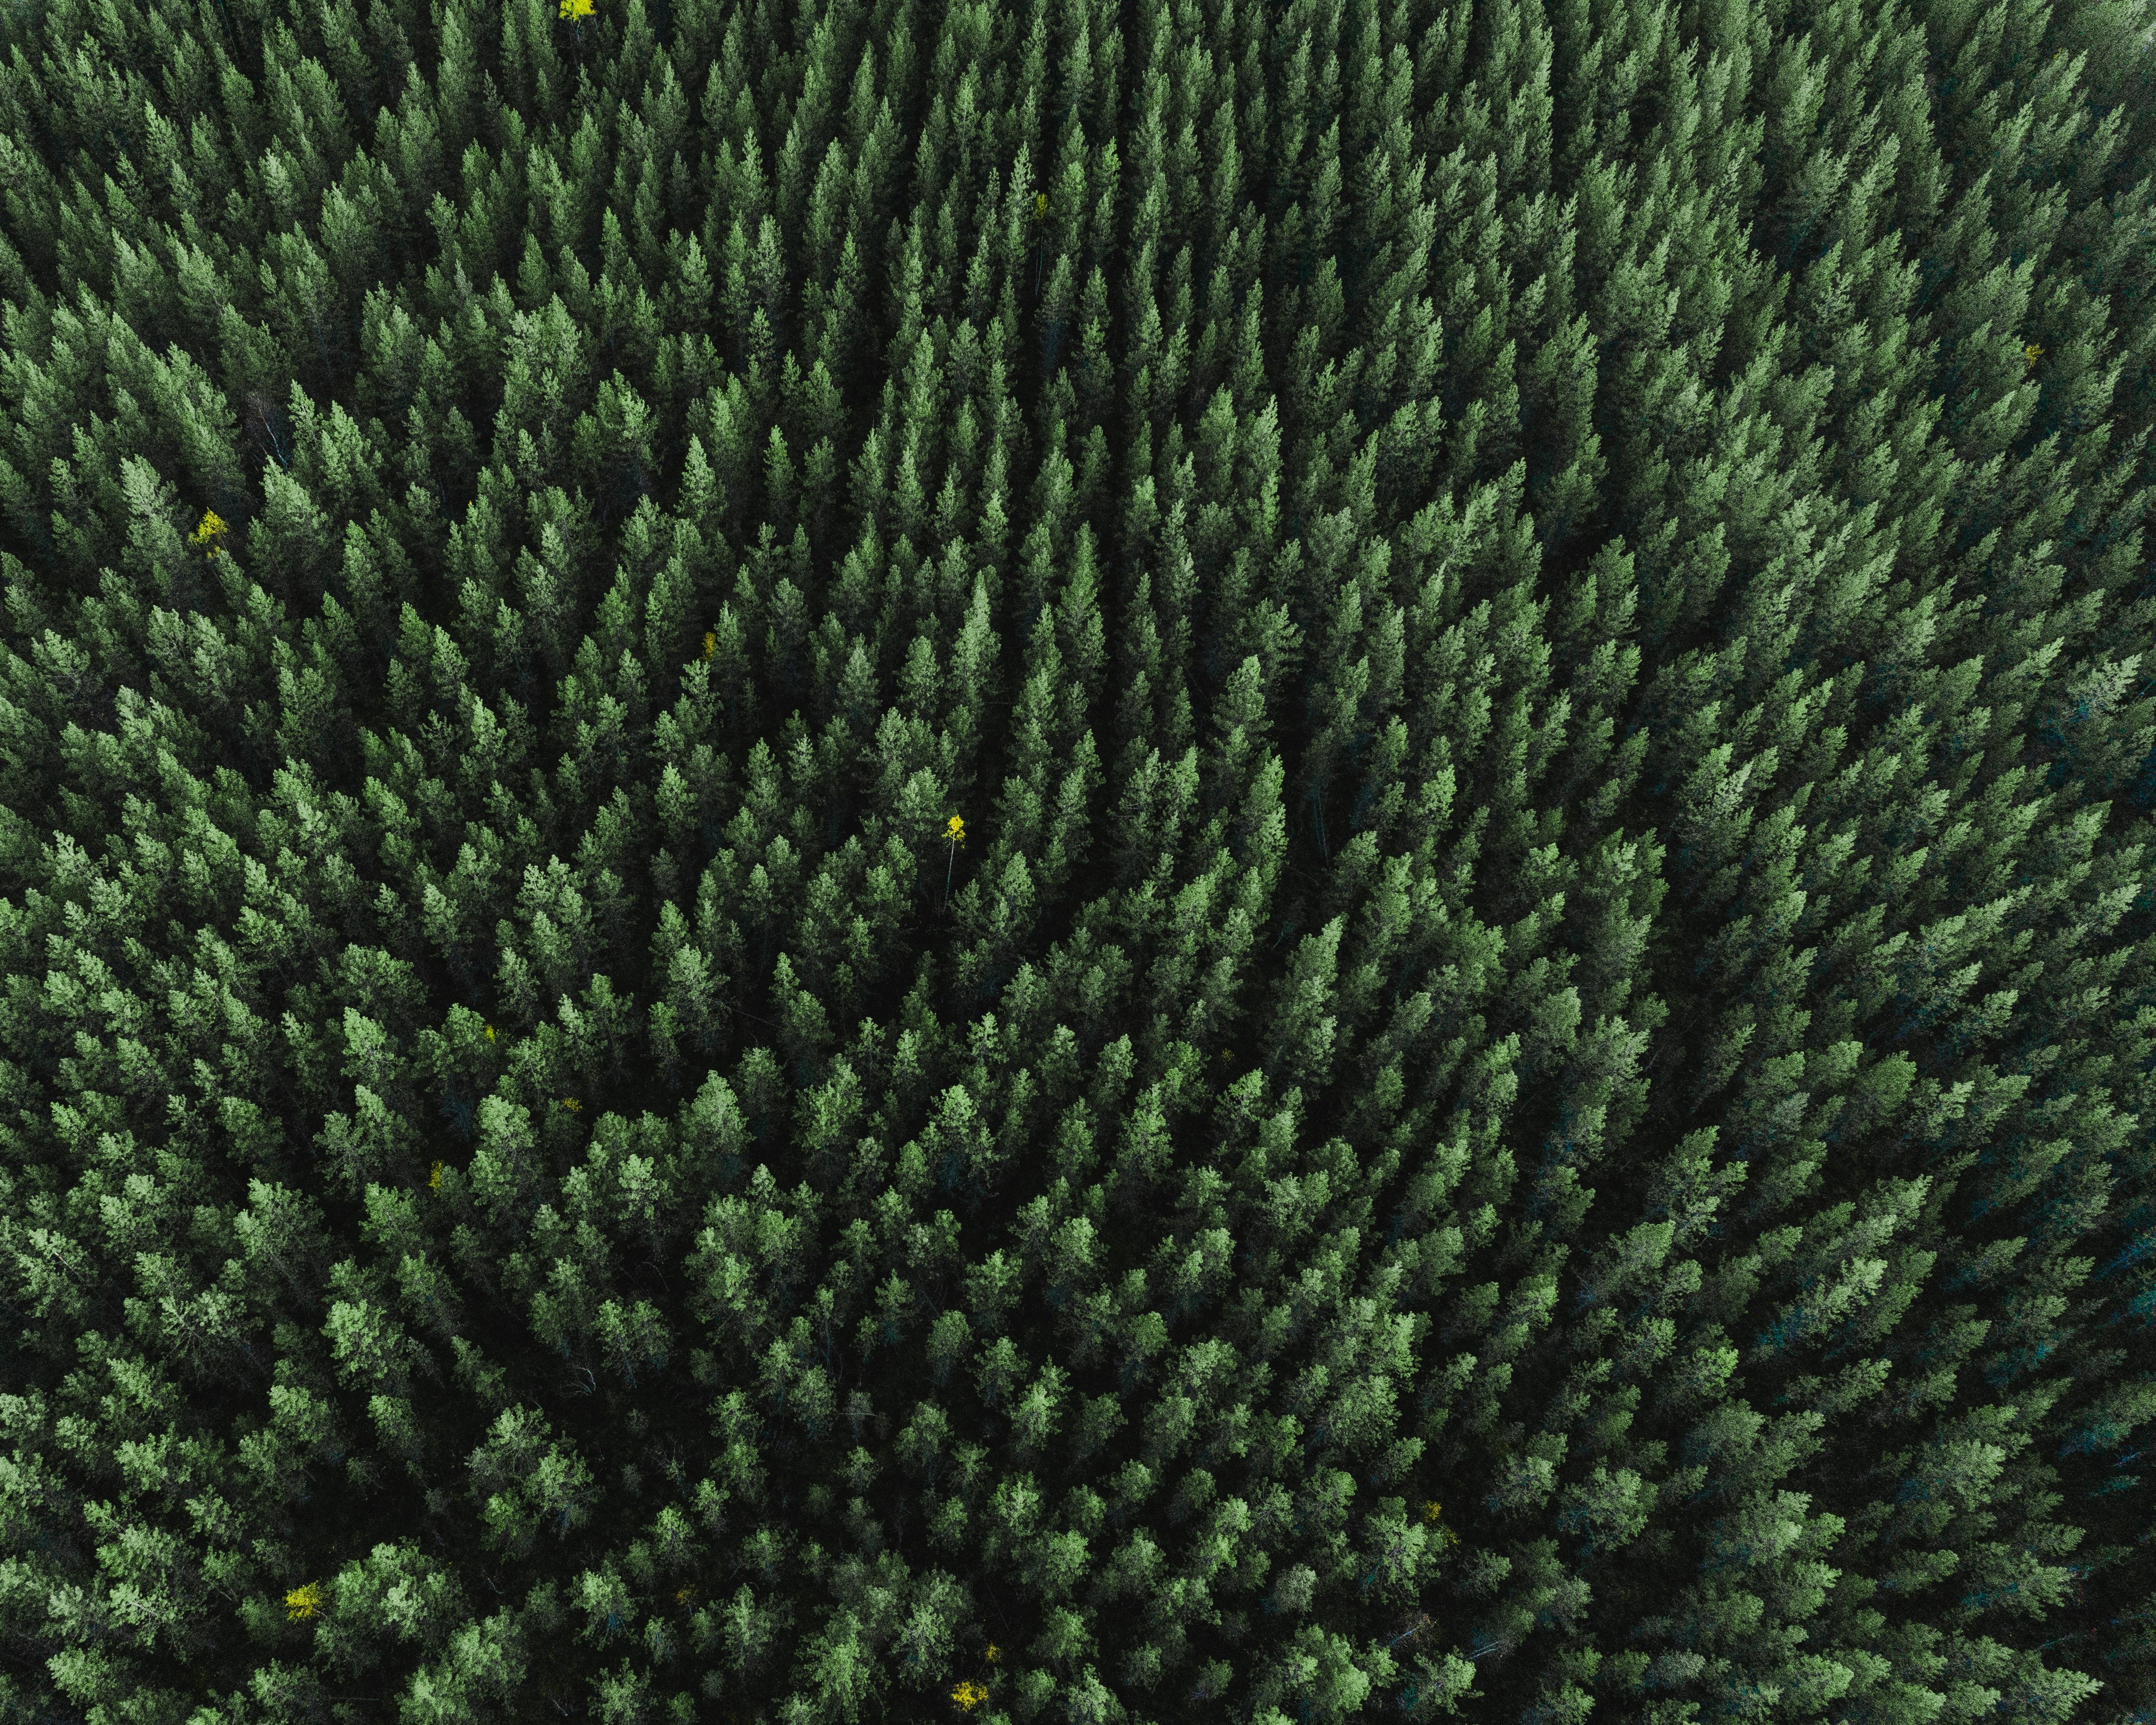 האם יש יותר מדי עצים ביער?